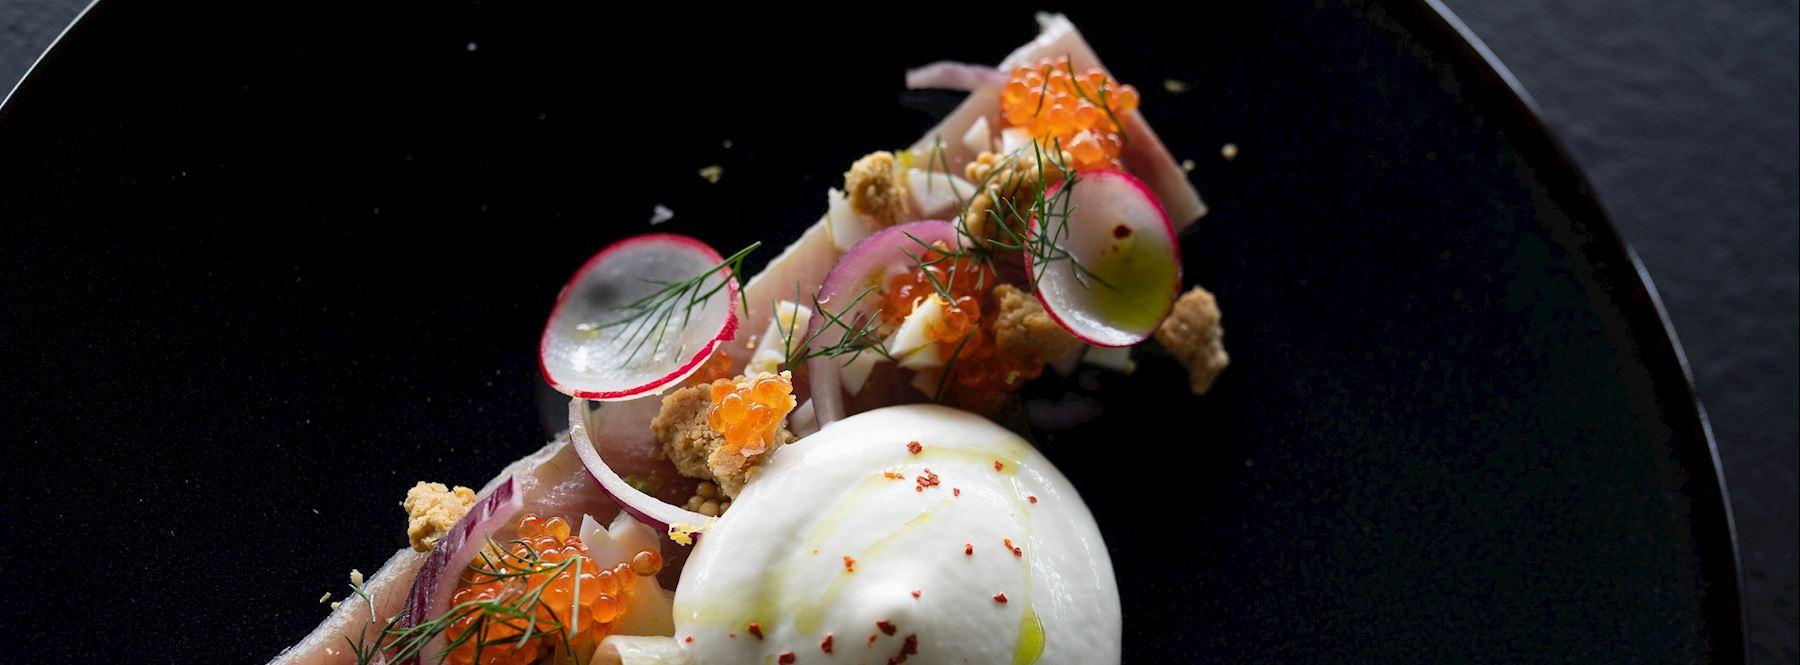 Pstruh dúhový so sekaným vajcom, červenou cibuľou a cmarom s chrenom wasabi